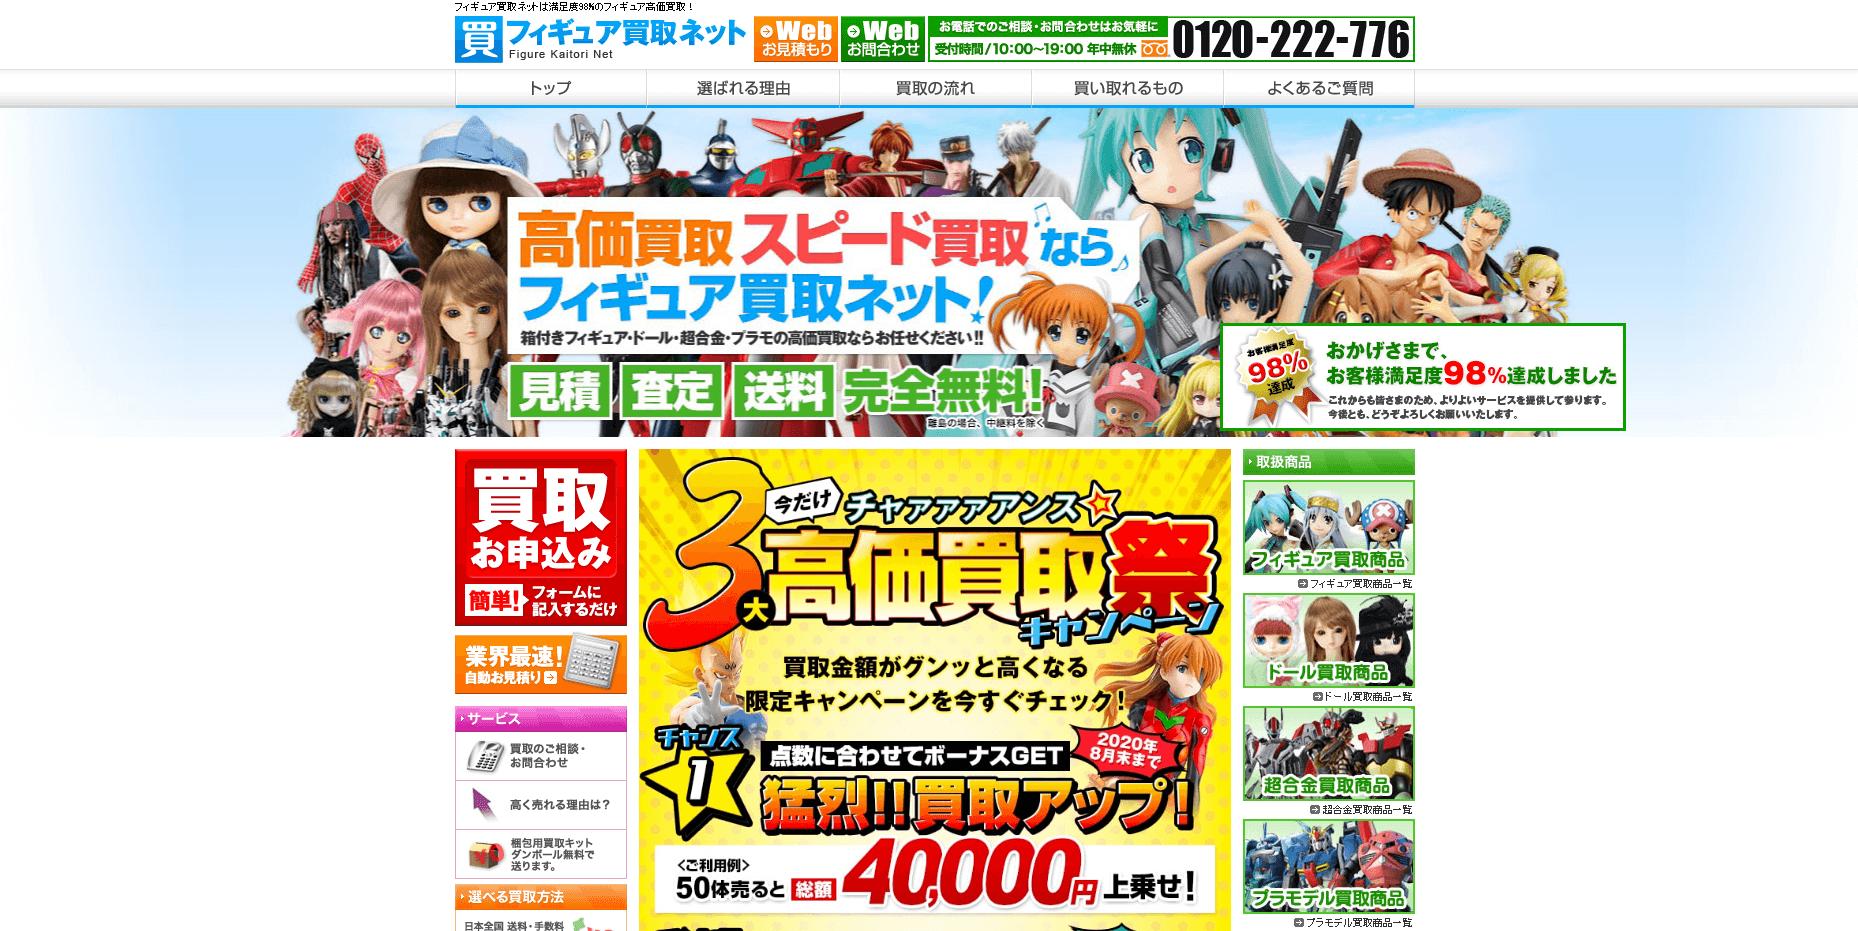 アニメグッズ買取ならフィギュア買取ネット